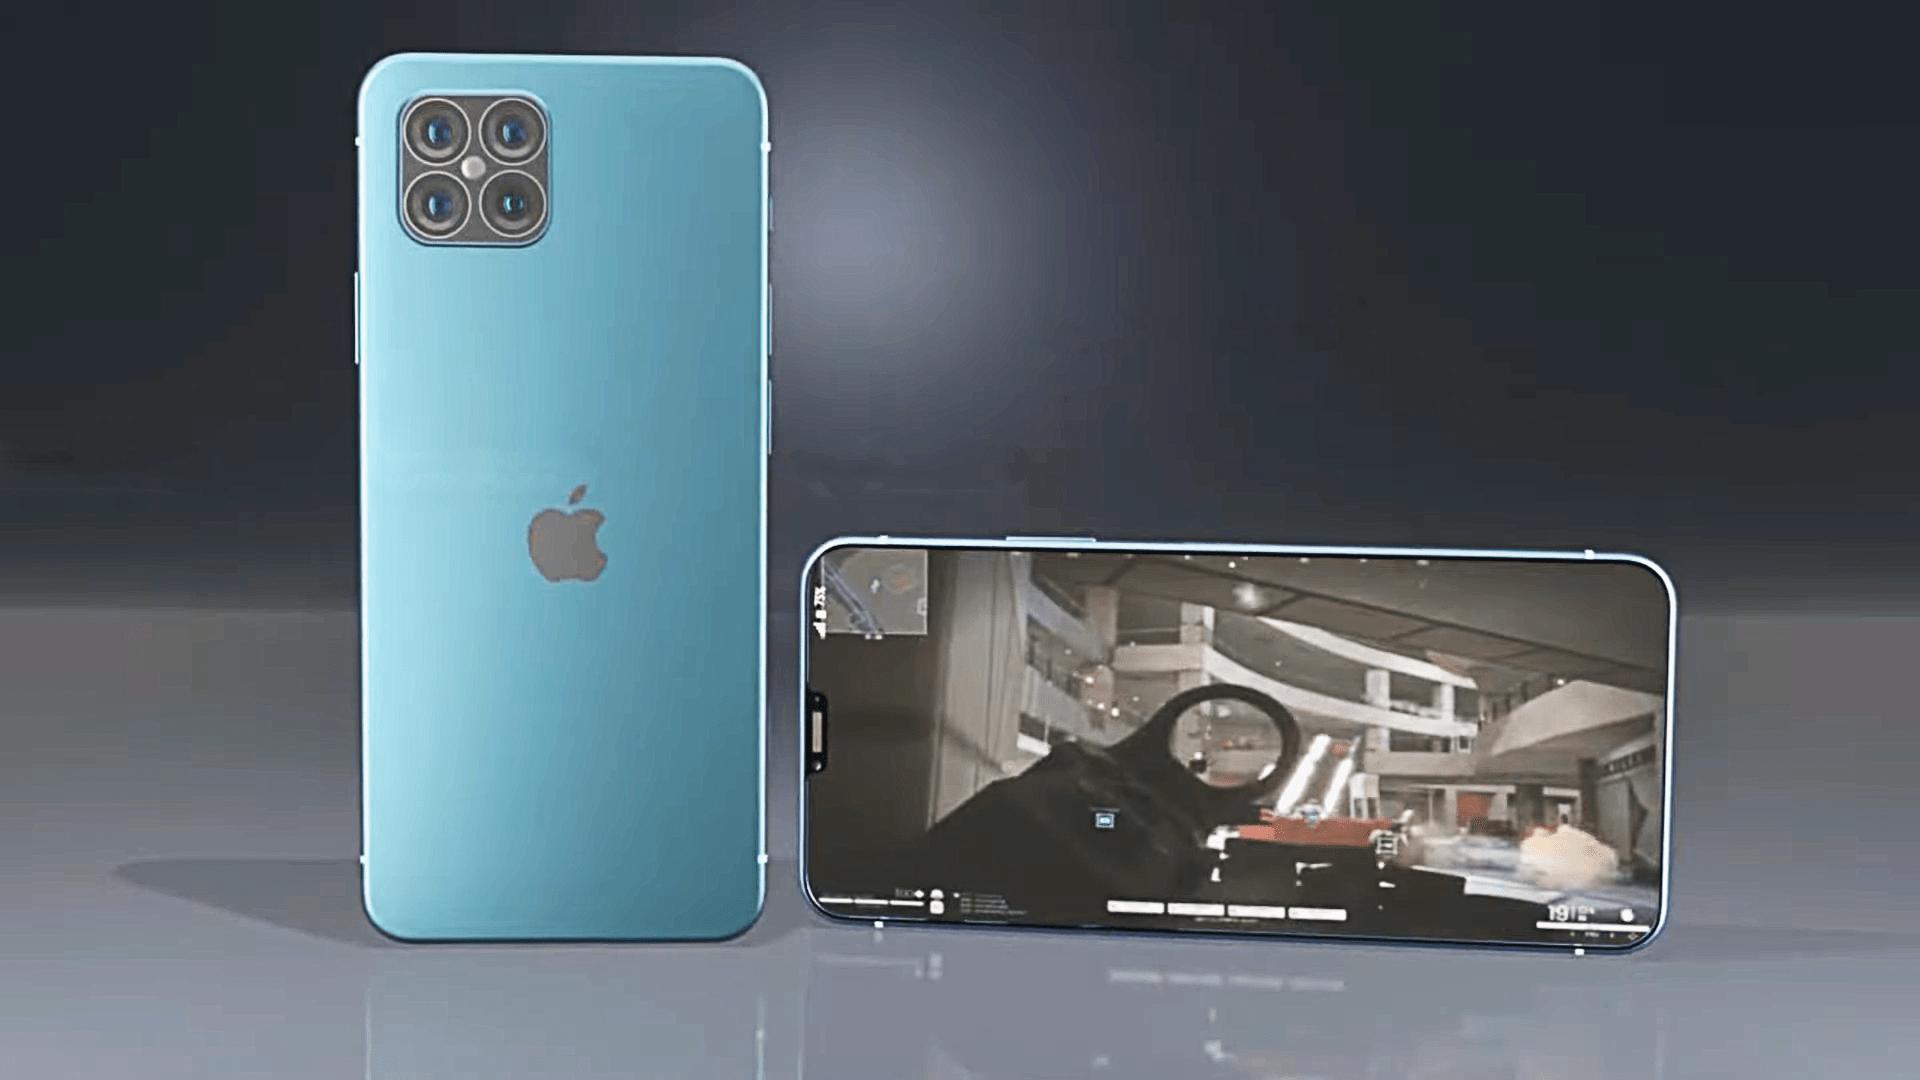 iPhone旗舰之作:120Hz刷新率+苹果A15+4200mAh 感觉更加的环保了